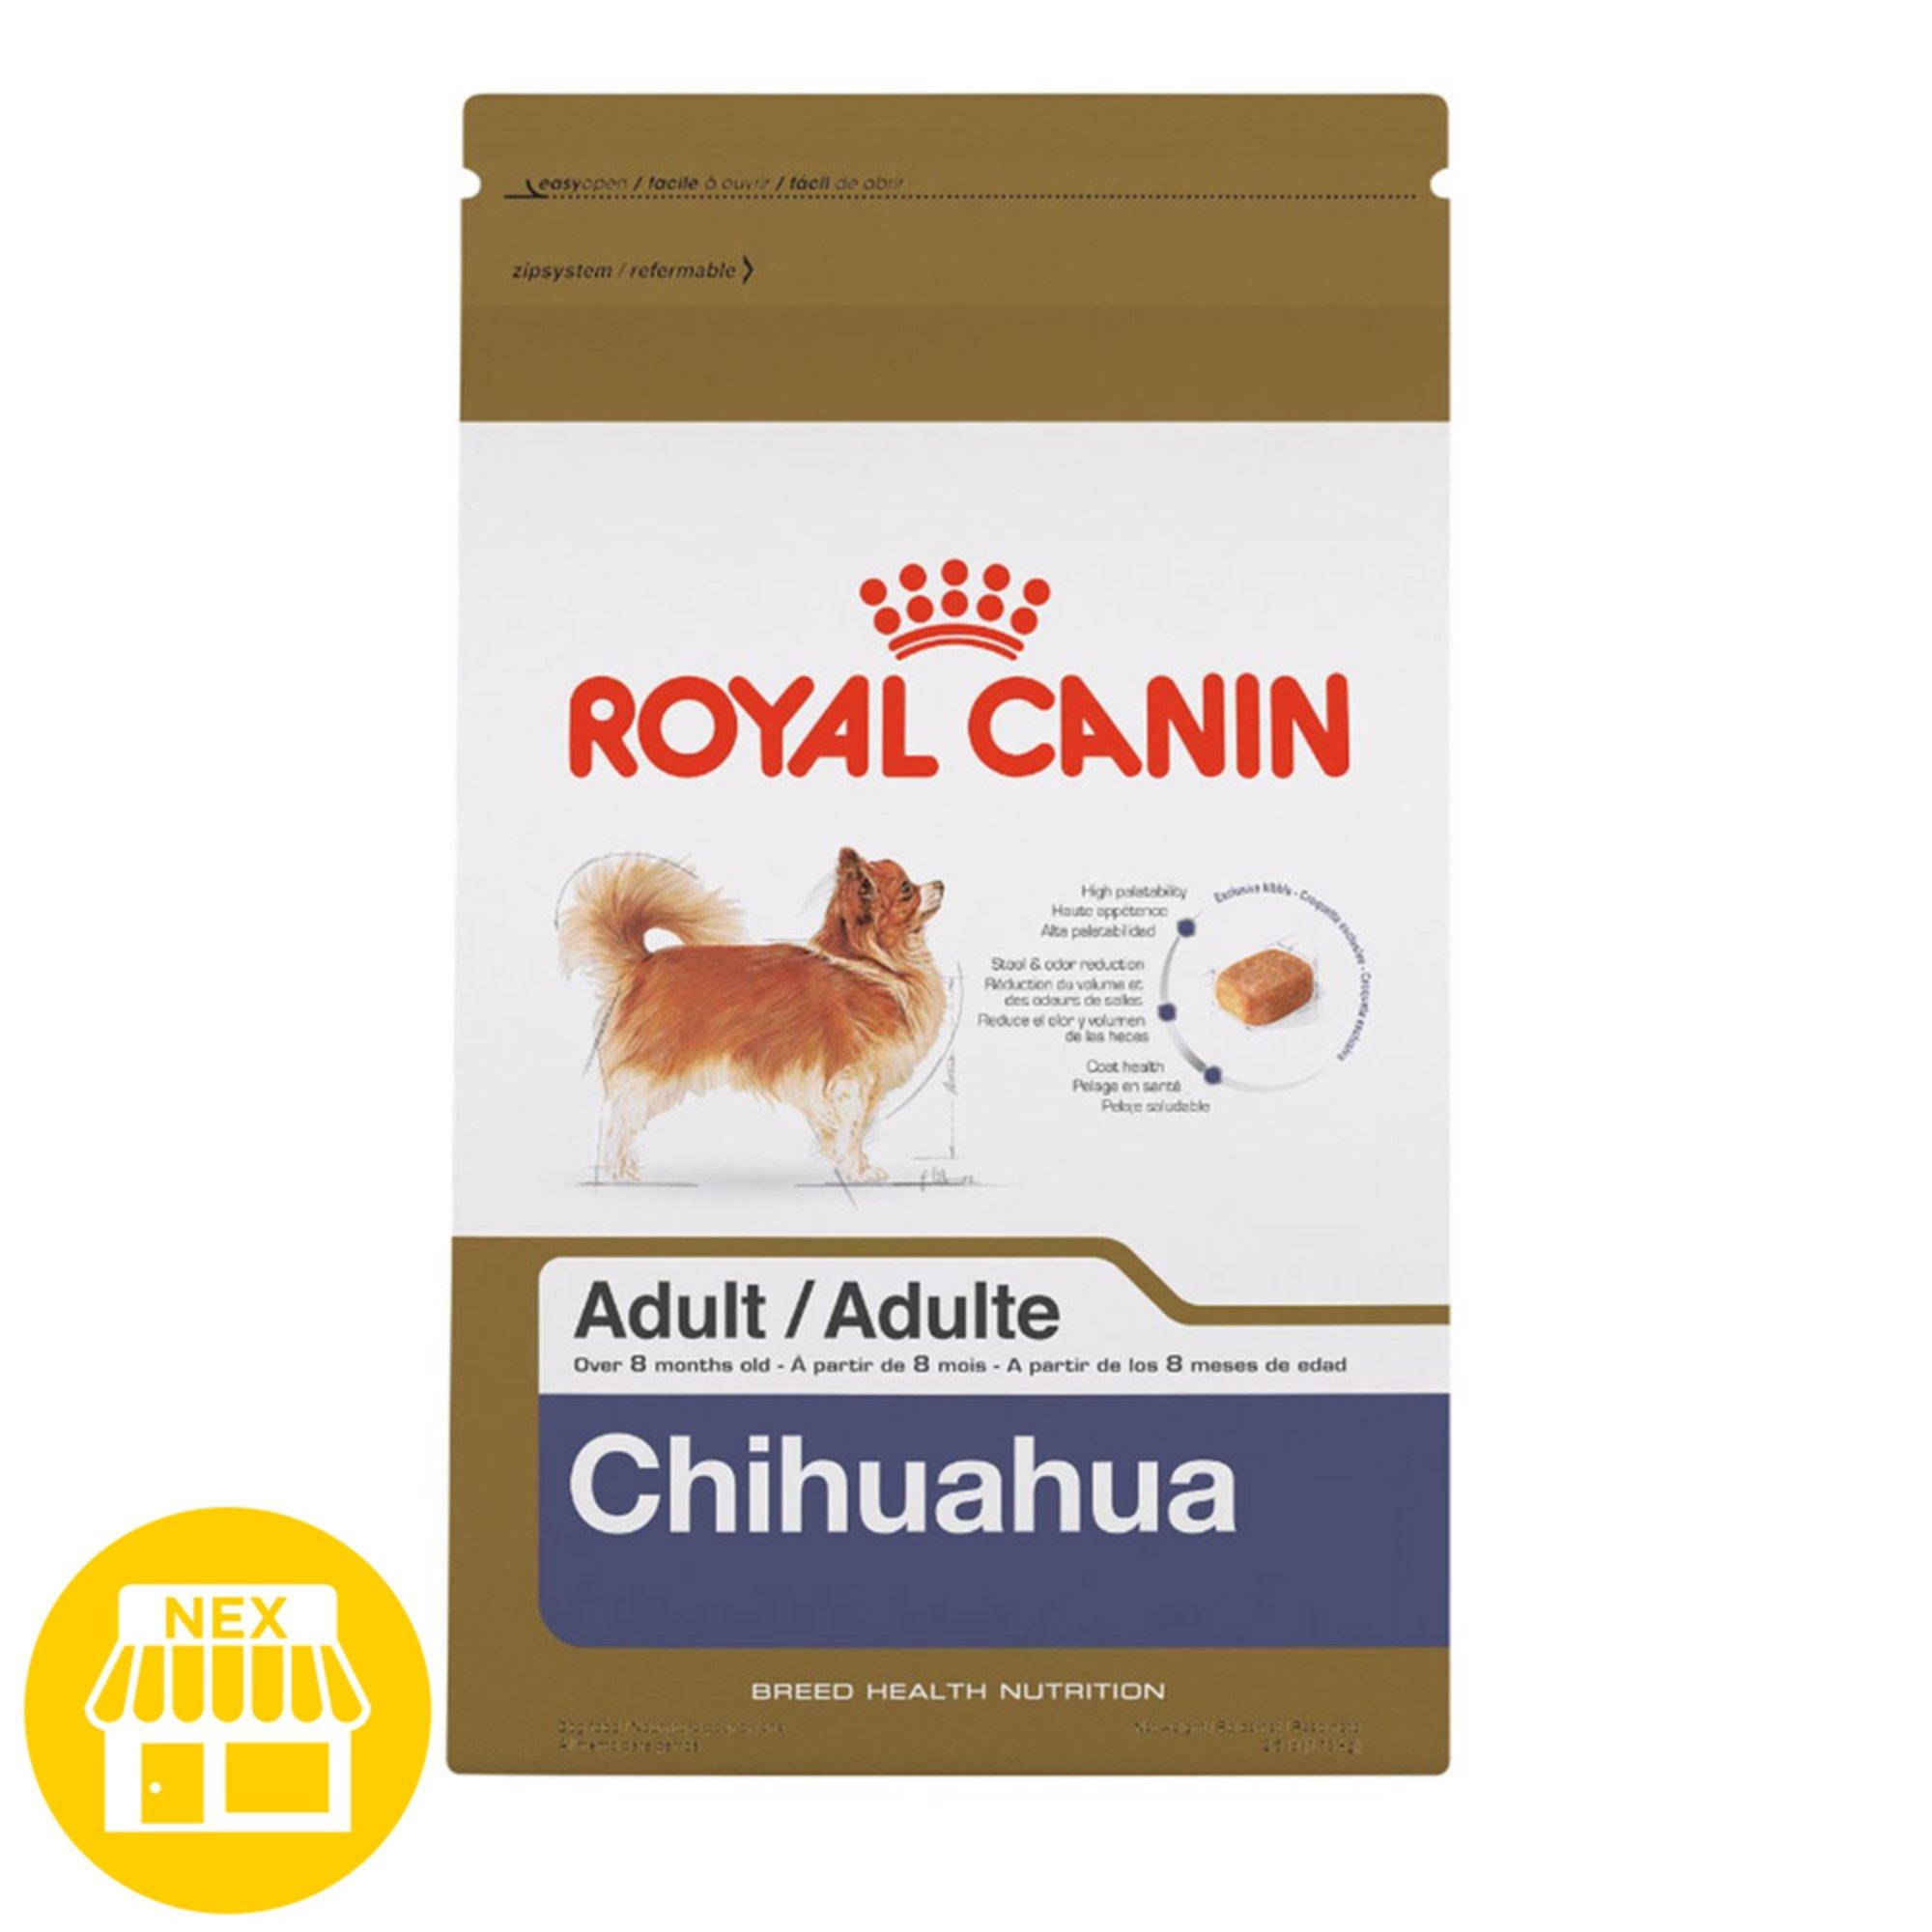 Royal Canin Chihuahua  Dog Food Reviews